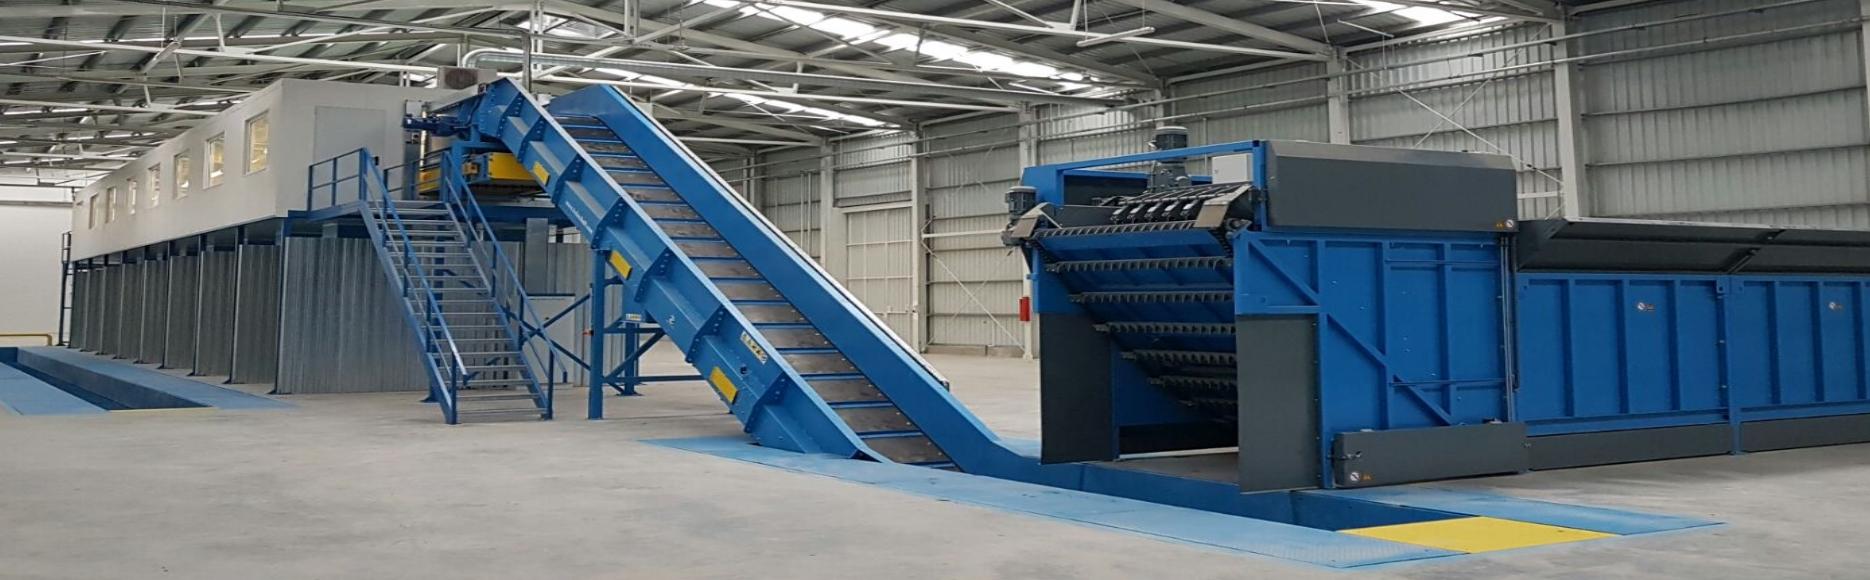 <p>Конвейерные решения для мусороперерабатывающей, горнодобывающей и других видов промышленности, где нужно транспортировать большие объёмы сыпучих материалов.</p>